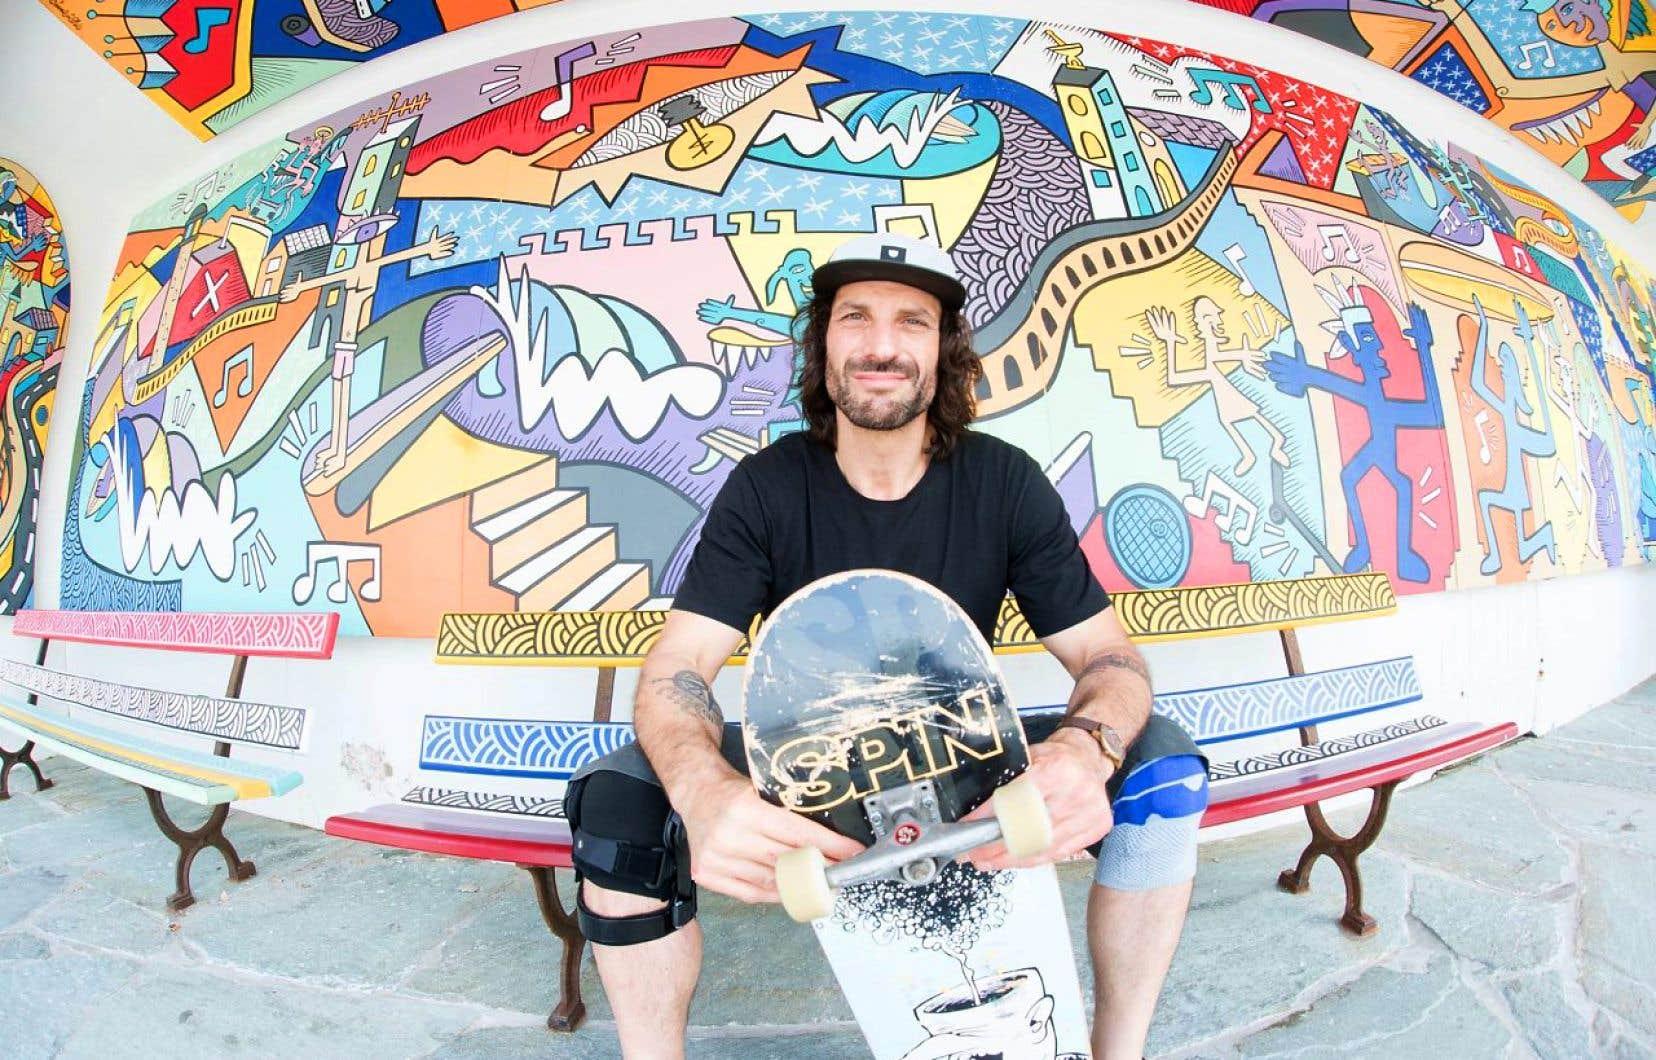 Avant que ne soient fermées les frontières et cloués au sol les avions, l'humoriste et animateur Mathieu Cyr a voyagé aux quatre coins du monde pour le tournage de la première saison de <em>Skate le monde</em>. Ici, à Biarritz, en France.